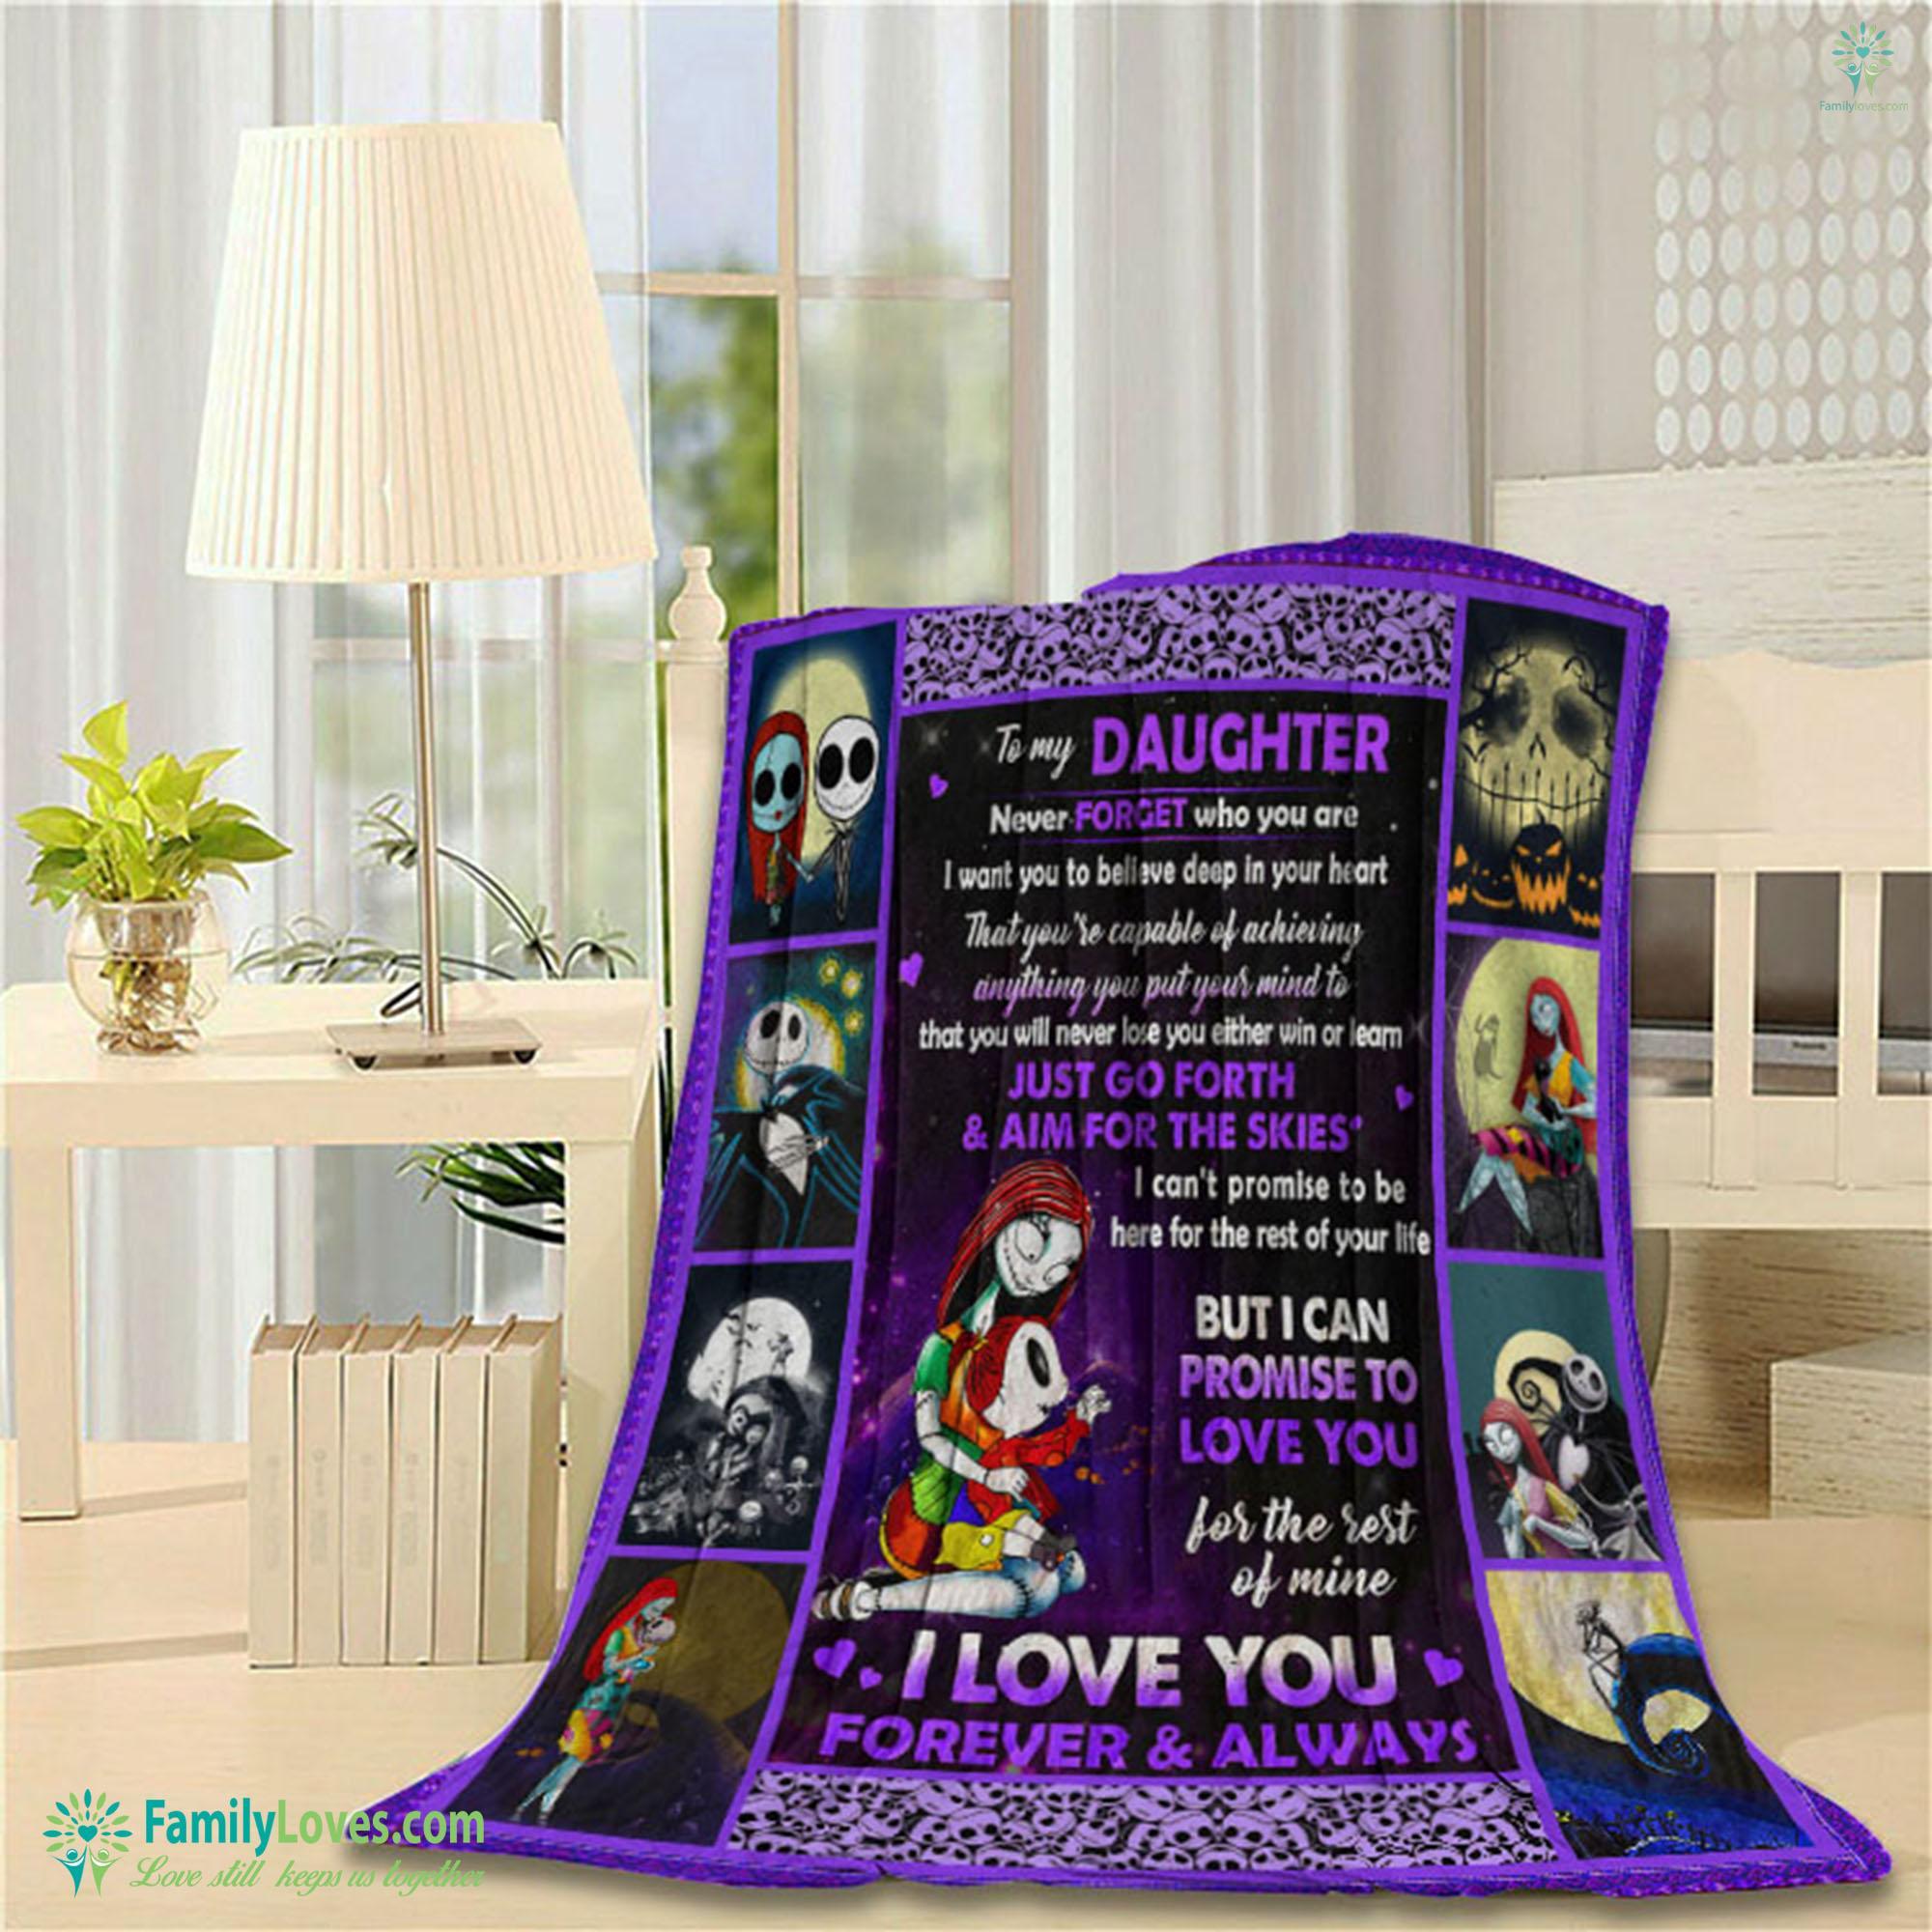 I Love You Forever Always Vv The Nightmare Before Christmas D Blanket 7 Familyloves.com